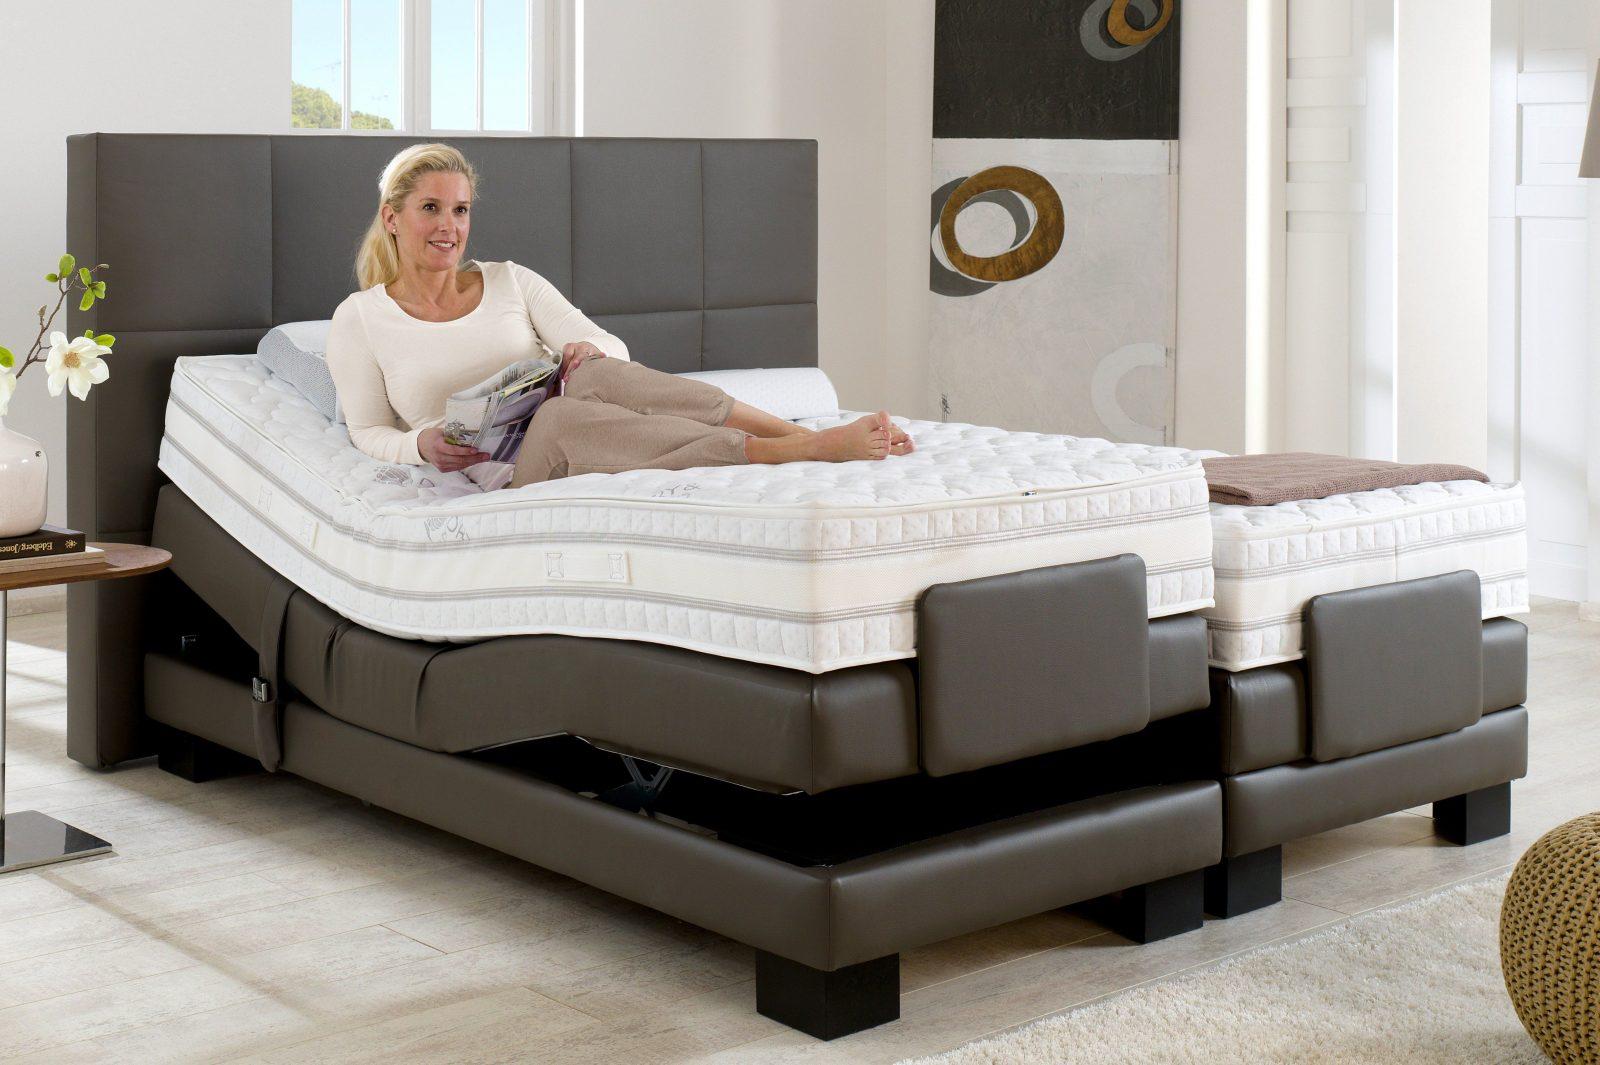 Box Spring Betten von Boxspringbetten Qvc Hersteller Bild